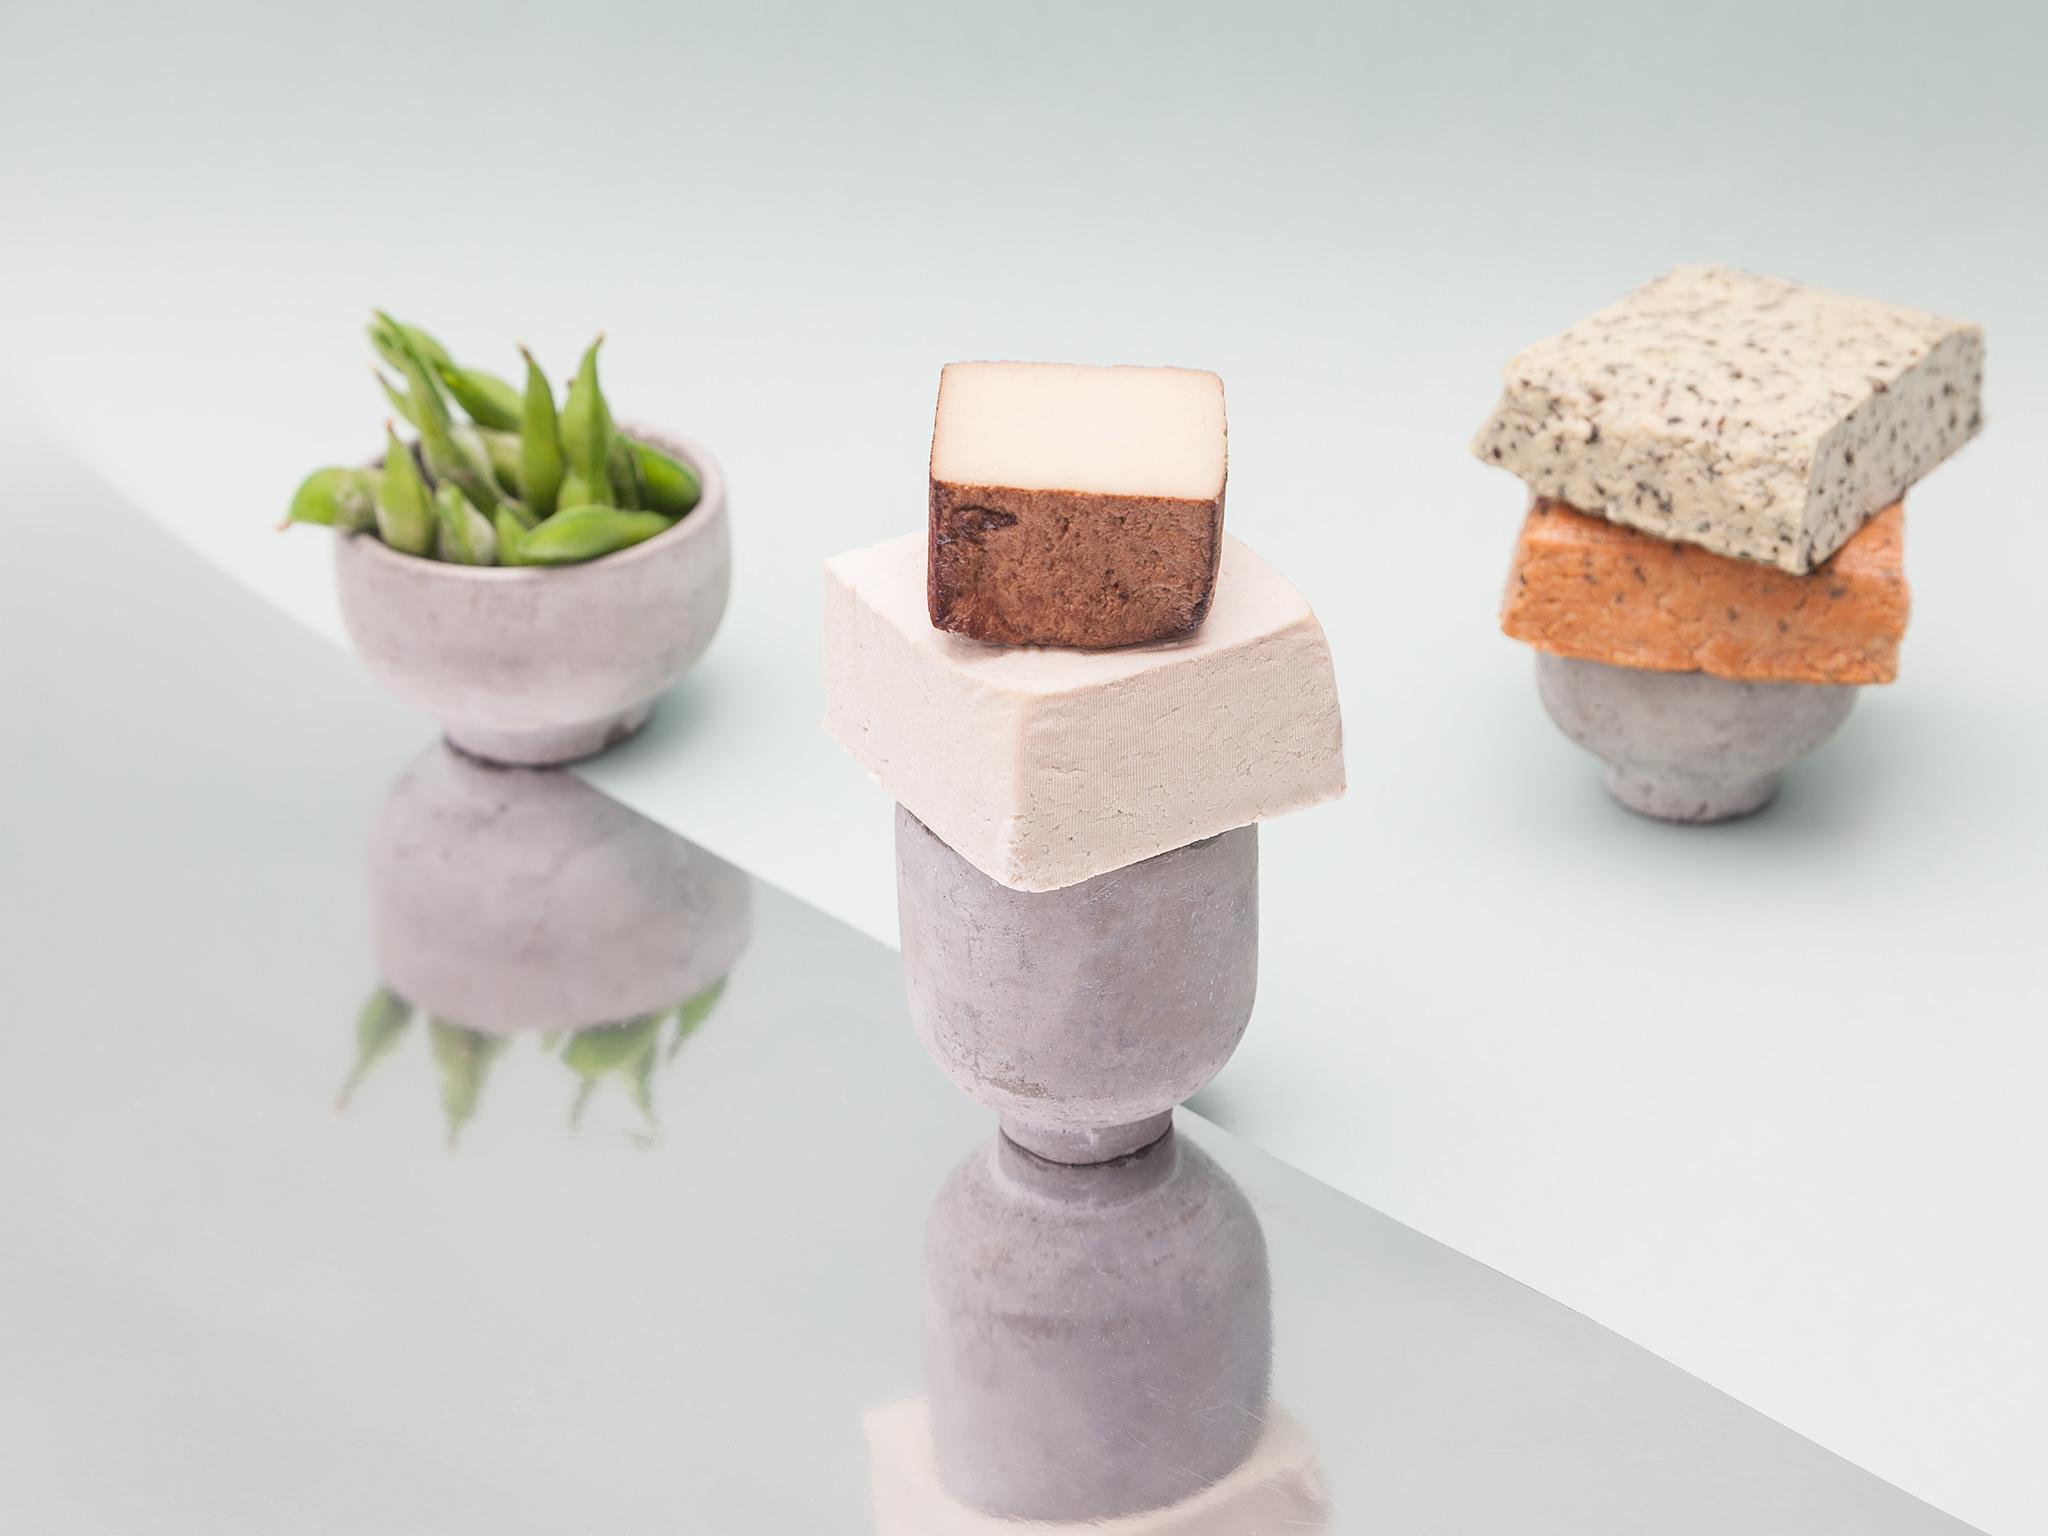 4 mythen ber tofu und was wirklich dahintersteckt stories kitchen stories. Black Bedroom Furniture Sets. Home Design Ideas